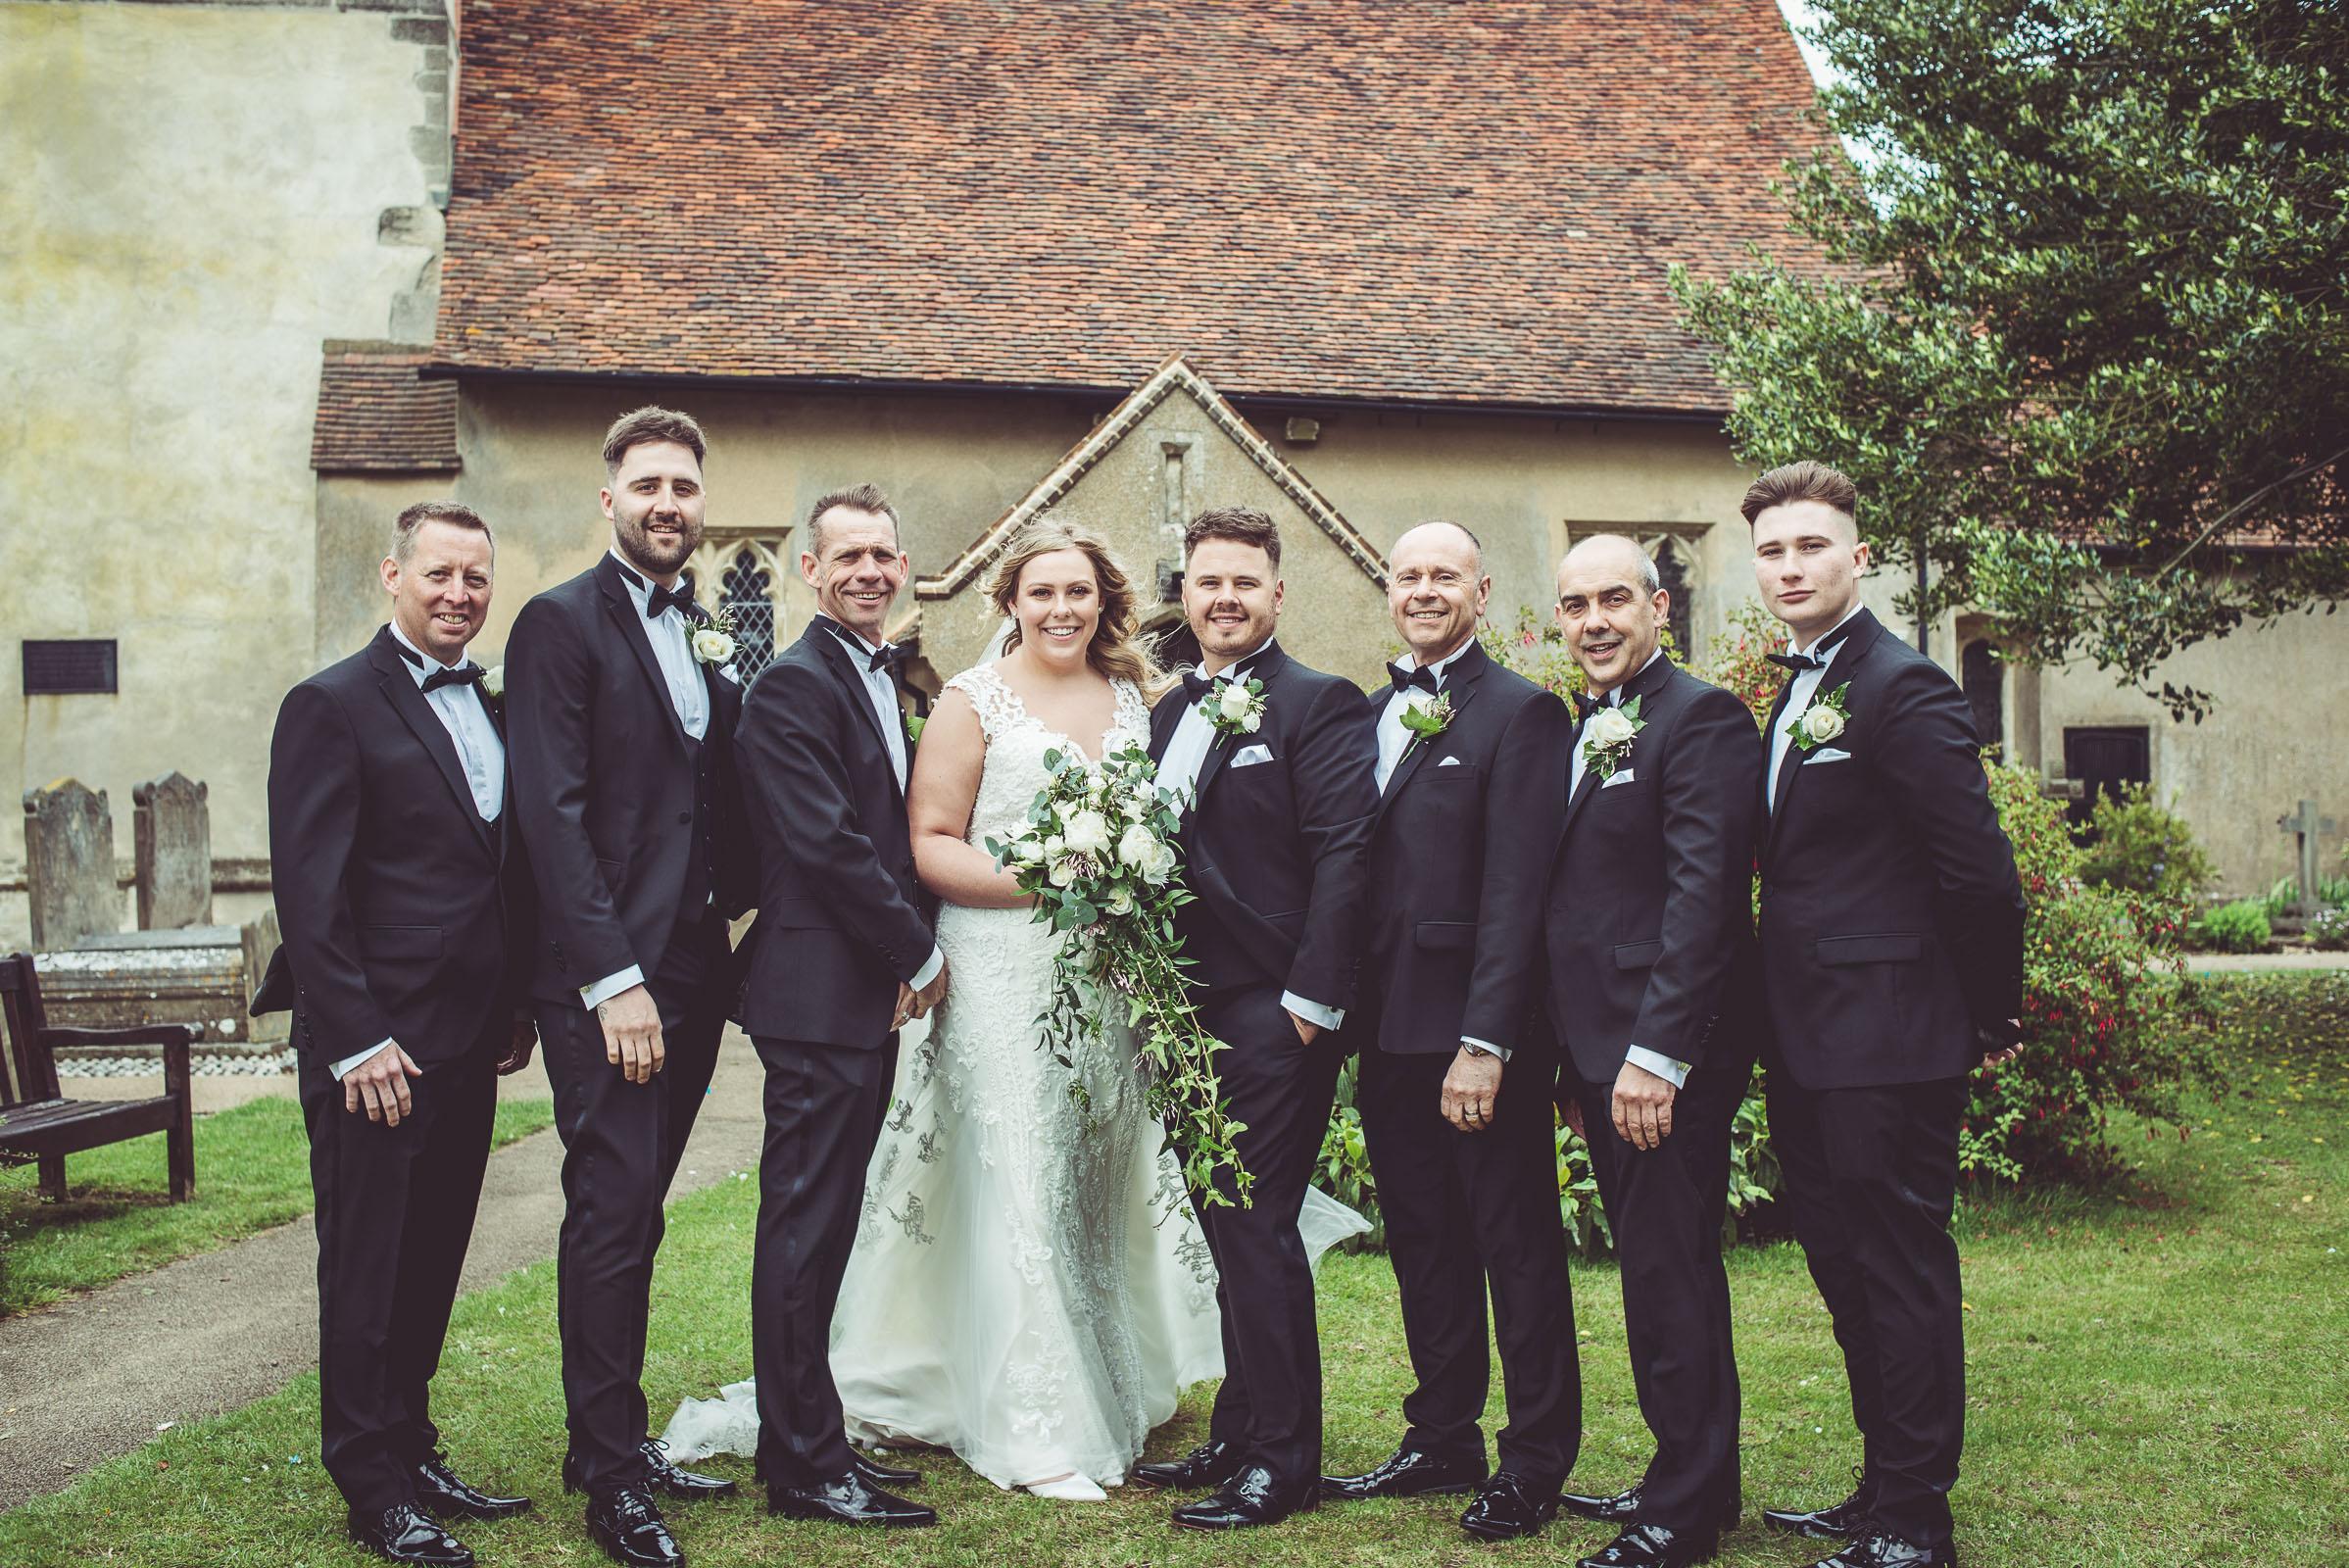 Lutonhoo-wedding-Bedfordshire-Datchworth-Tewinburyfarm-54.jpg